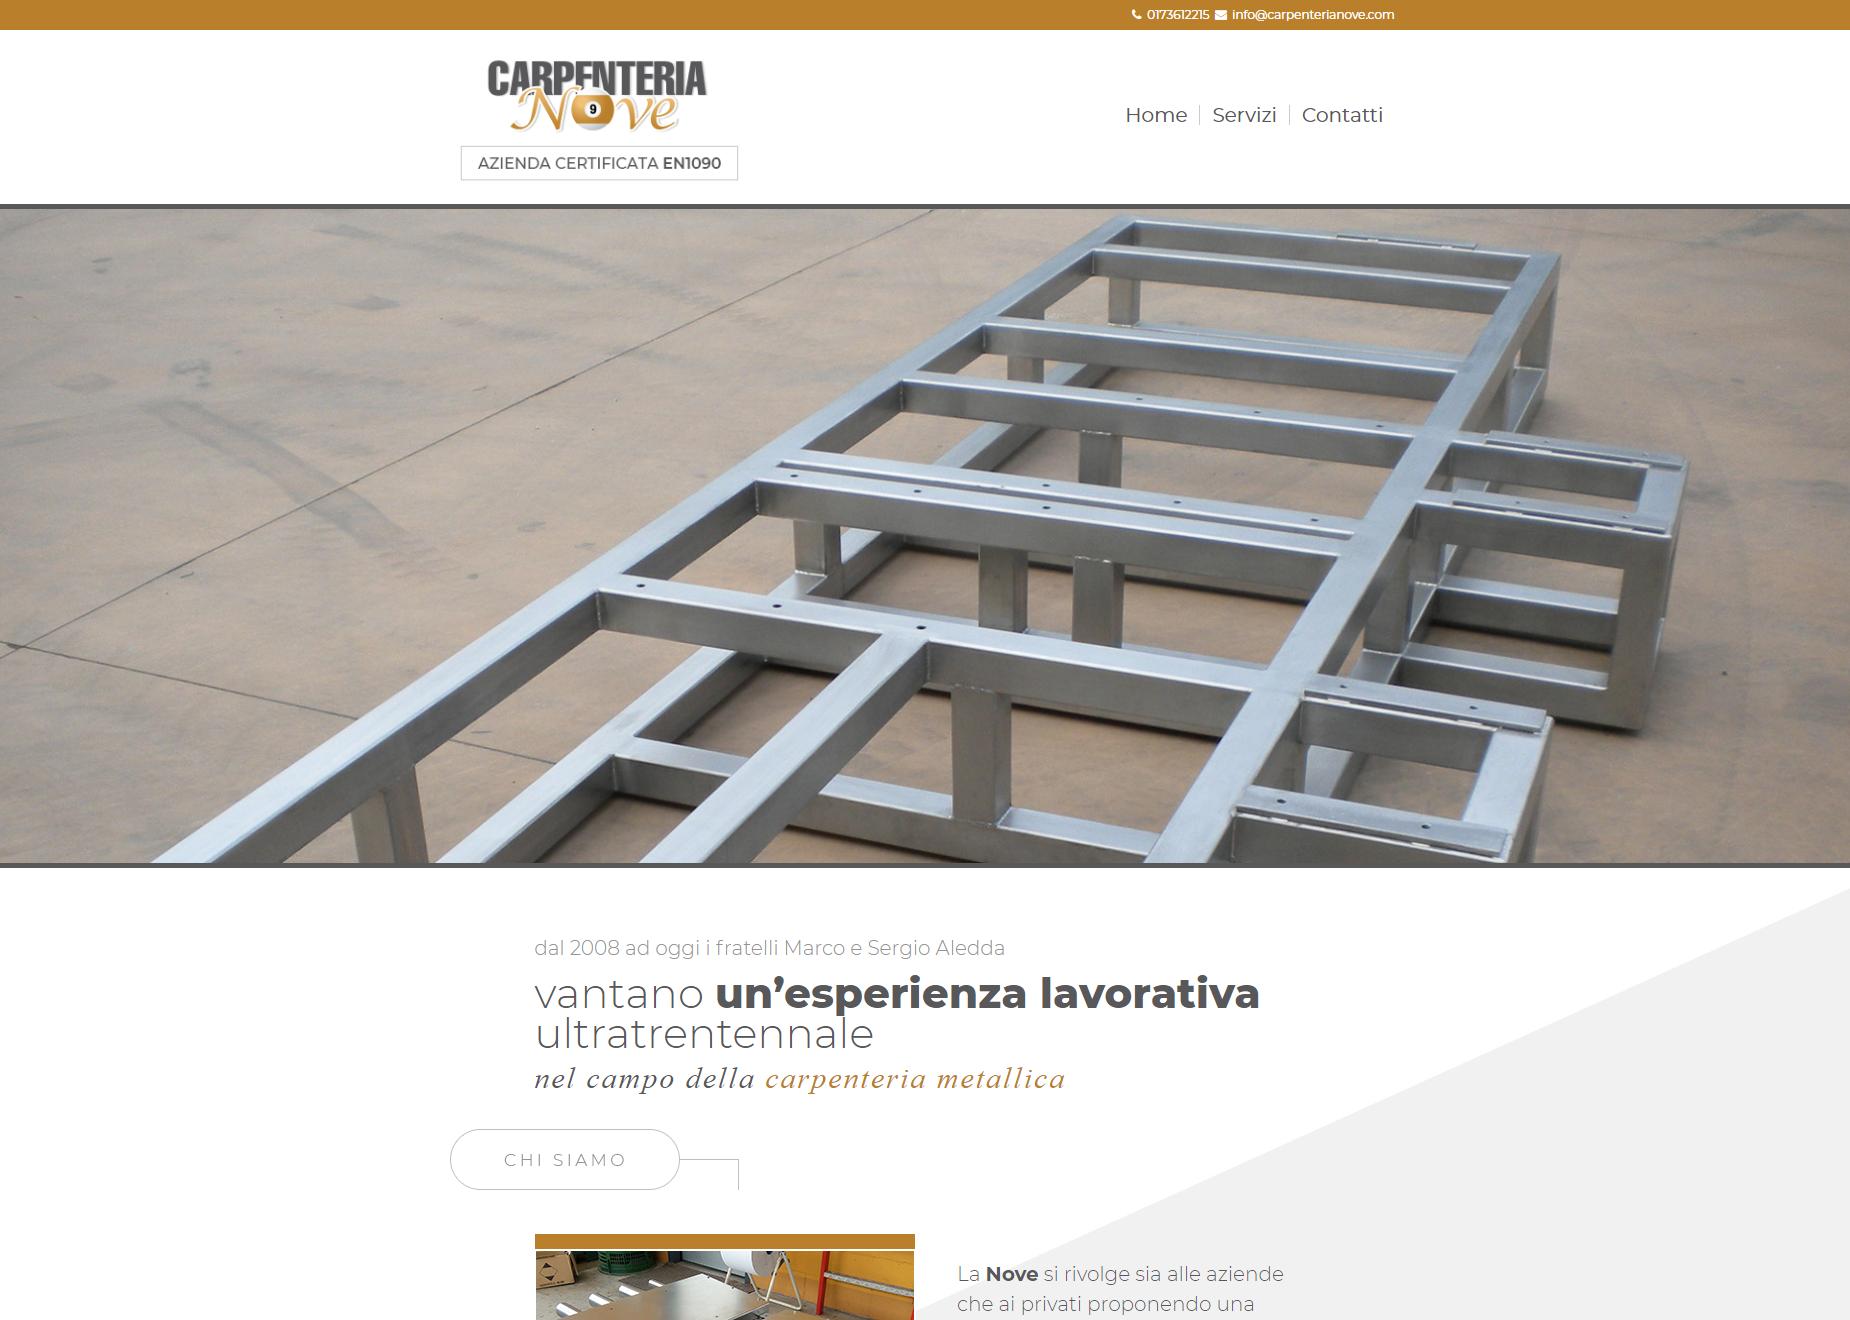 screencapture-carpenterianove-2019-05-14-14_39_04(1)